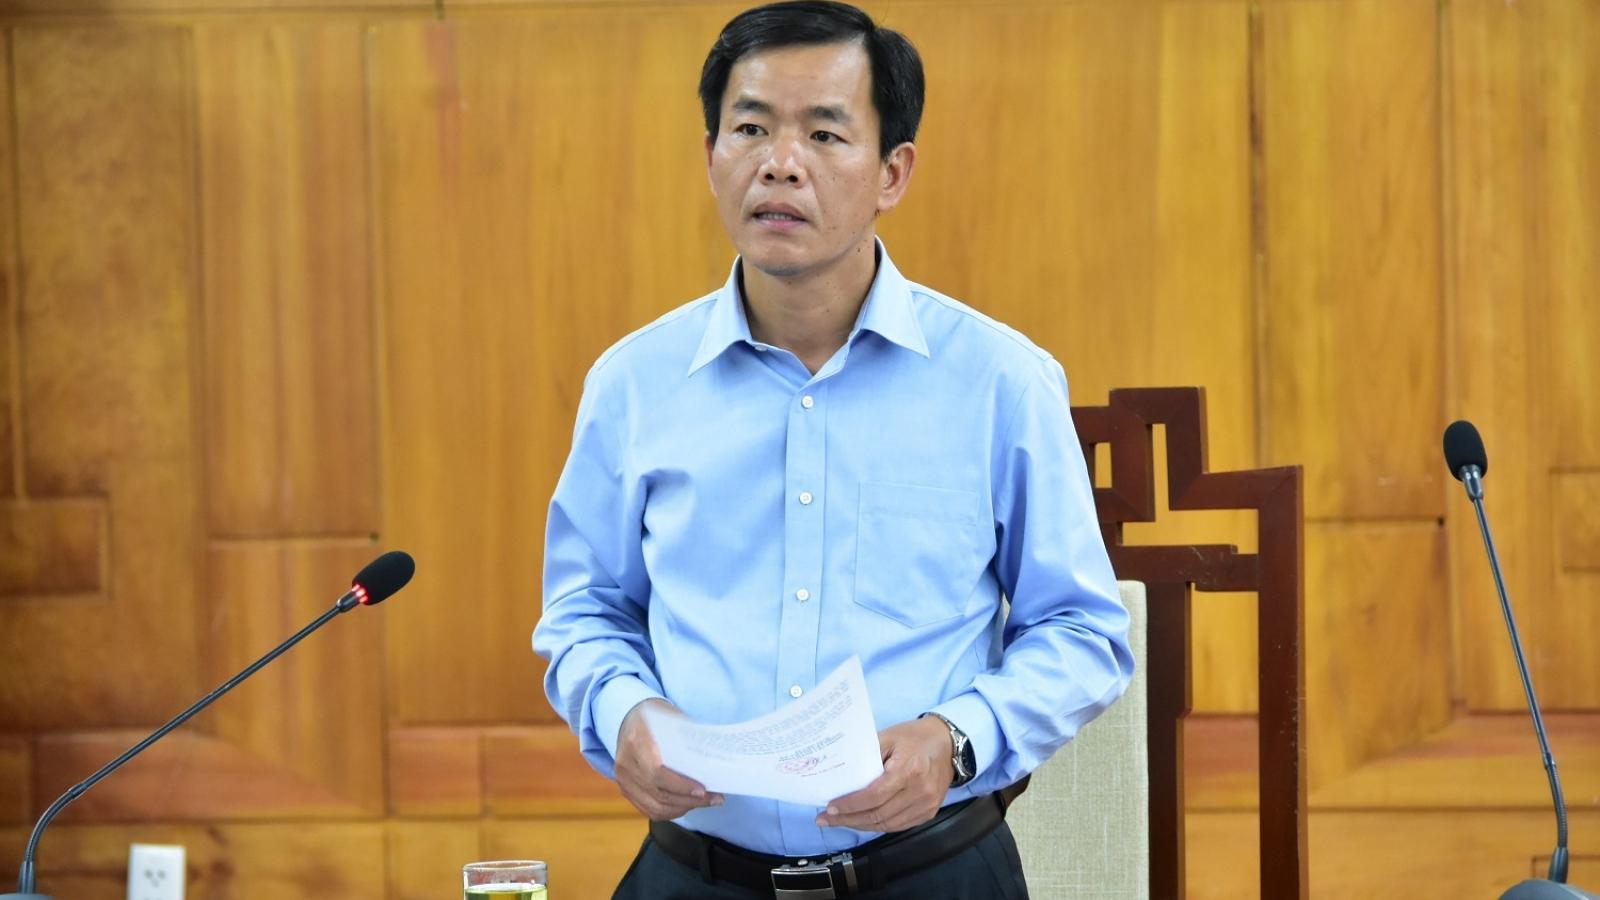 Ông Nguyễn Văn Phương được bầu làm Phó Bí thư Tỉnh ủy Thừa Thiên Huế